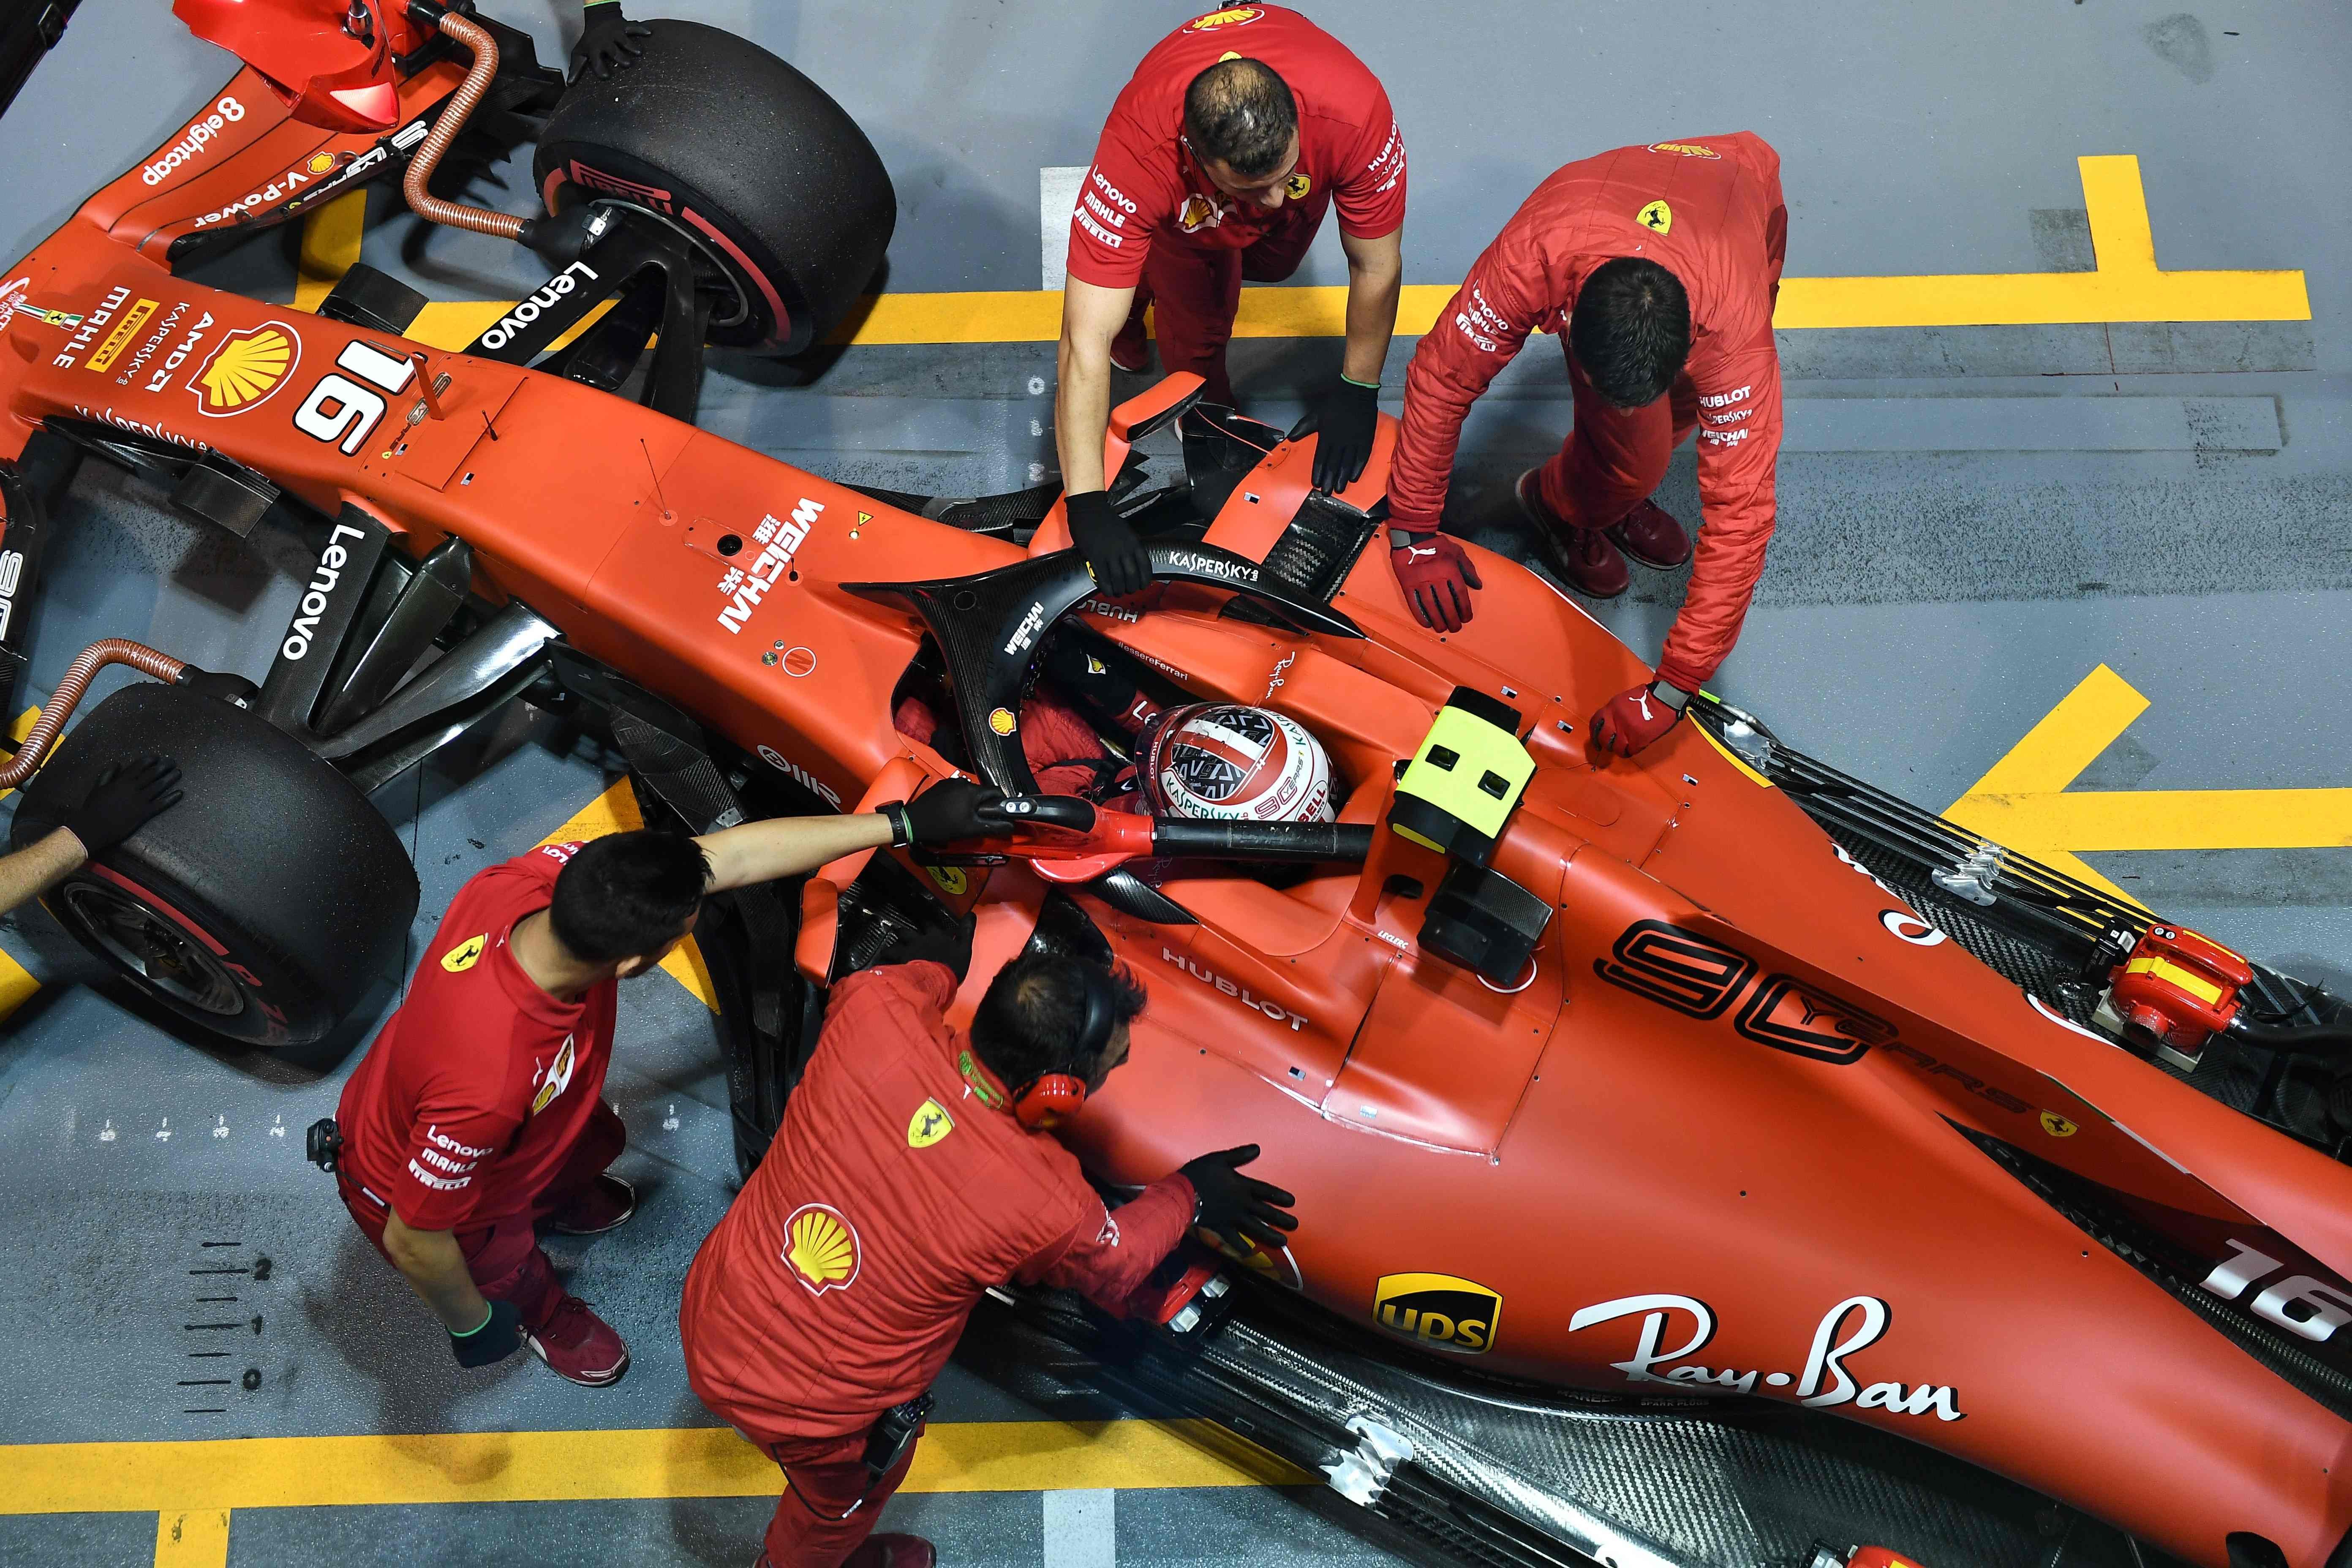 GP Singapour : Encore une pole position pour Leclerc